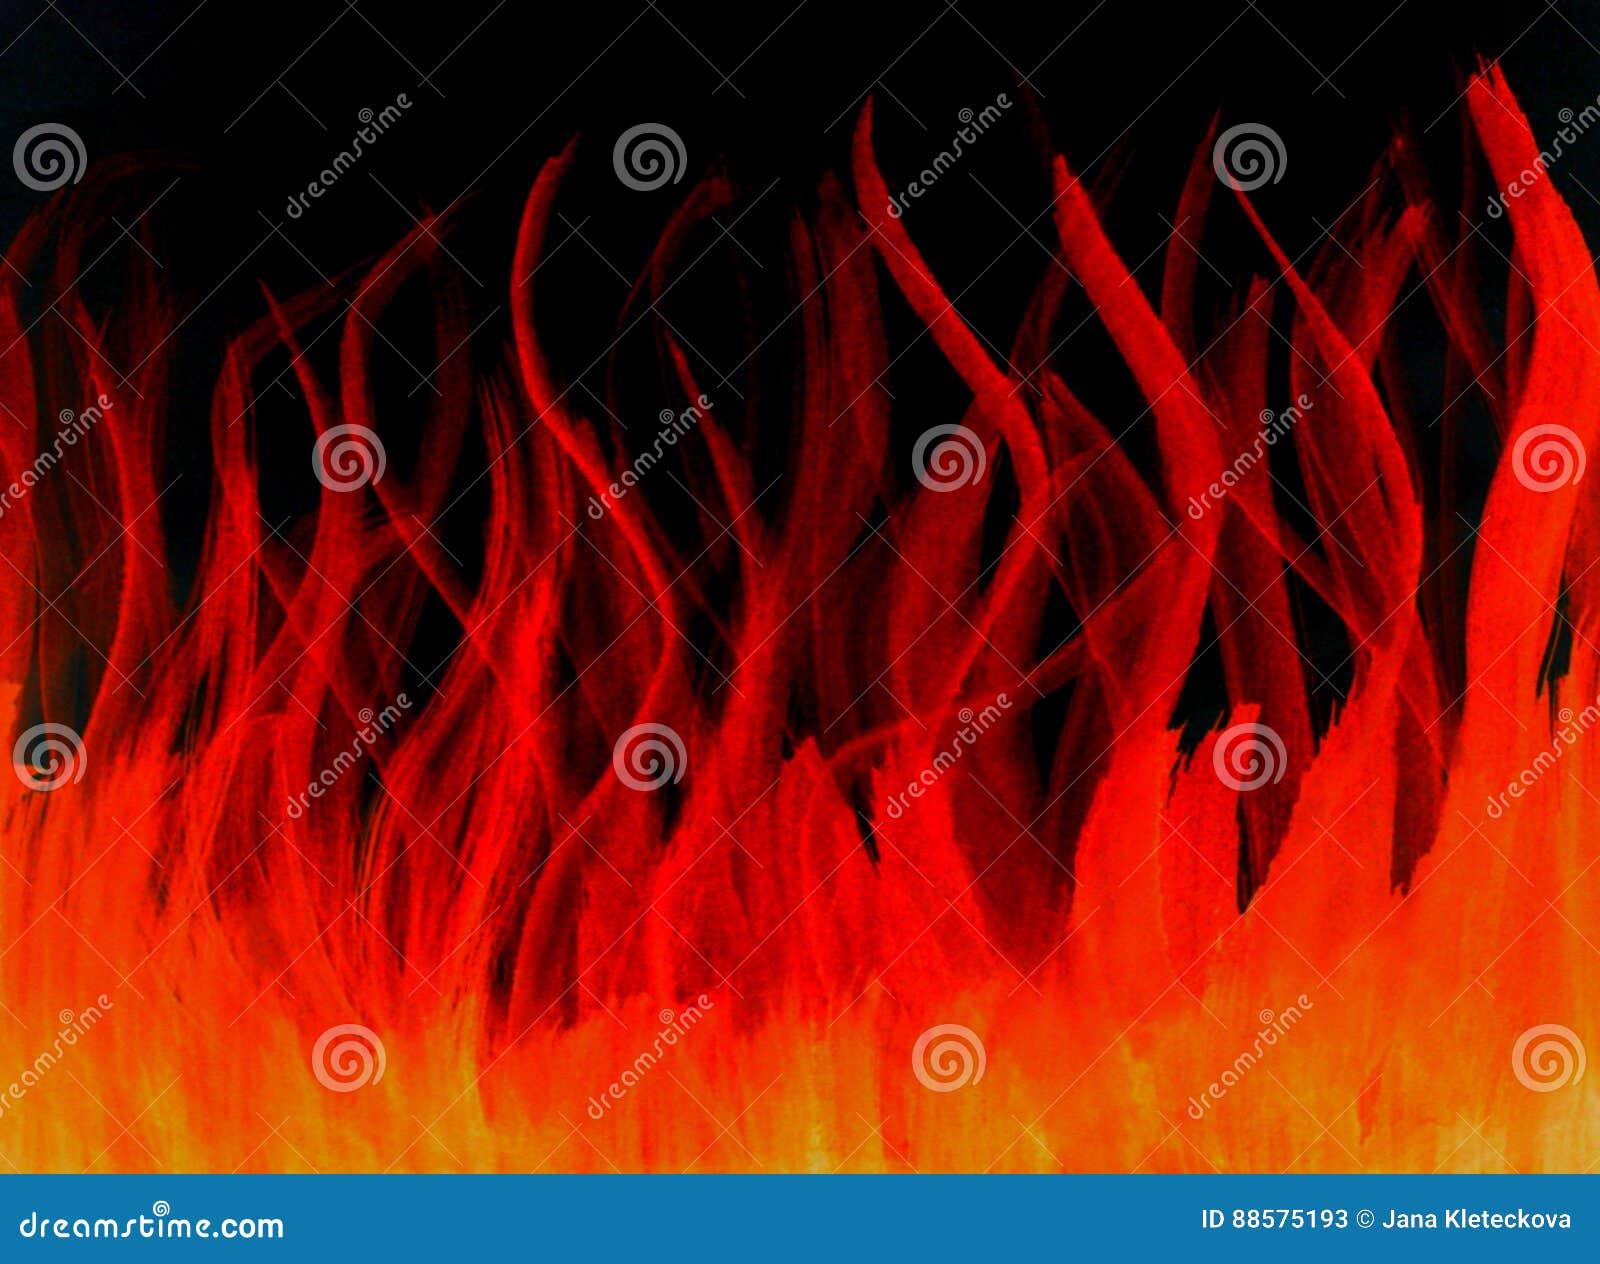 Увольняйте пламенистая горячая красная оранжевая нарисованная акварель изолированной